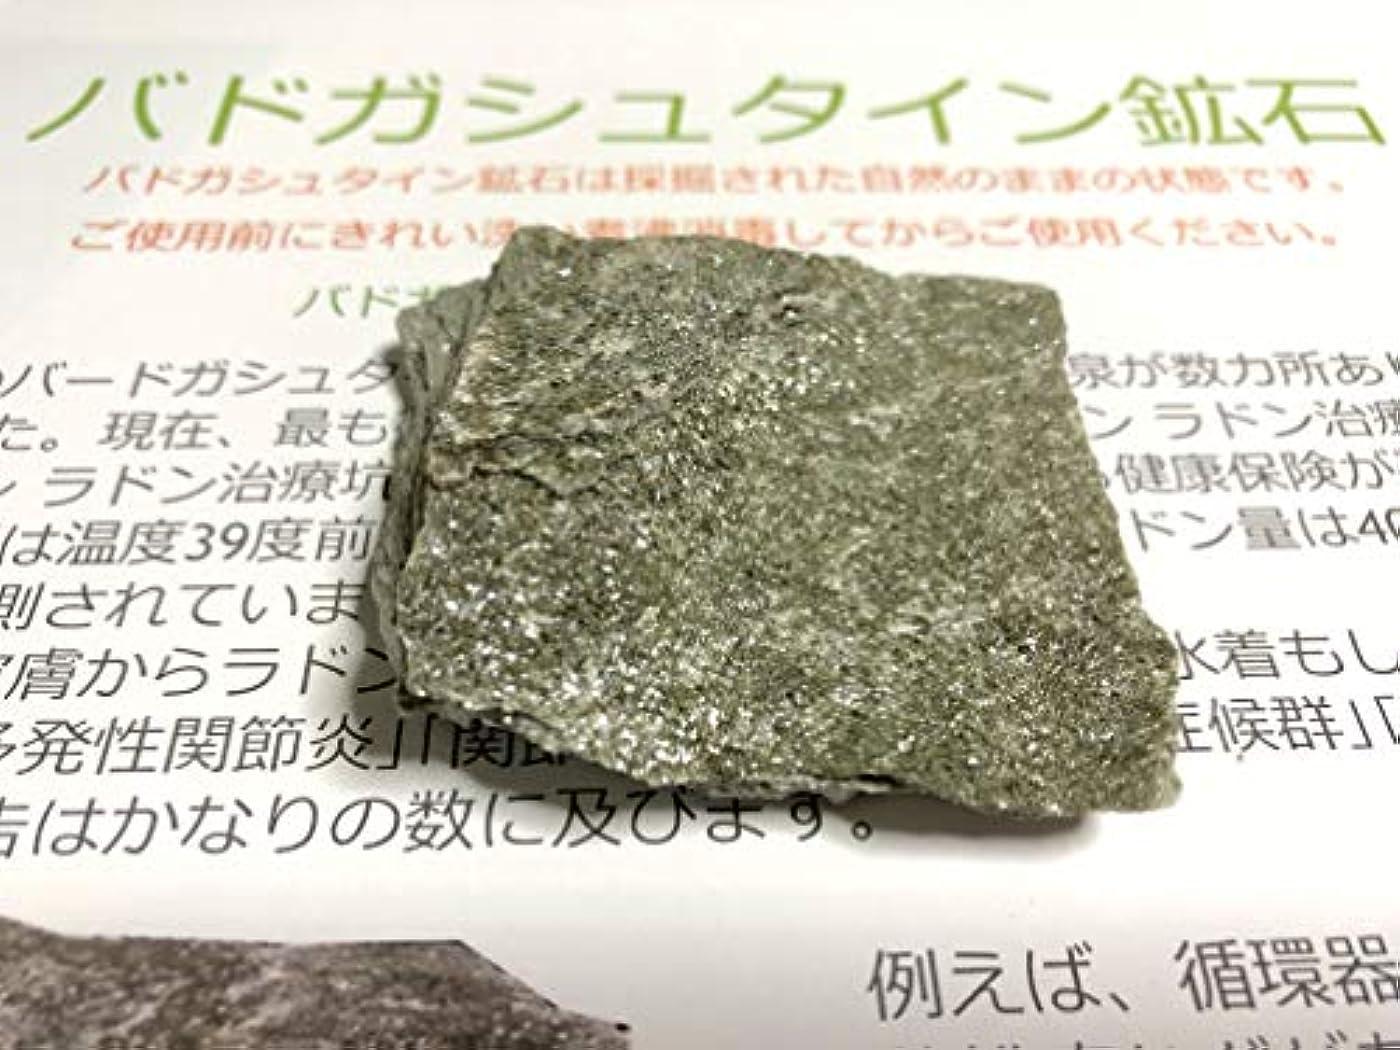 対抗義務的昆虫バドガシュタイン鉱石 クラス2 約0.4~1μSV/h未満 (約500g詰め)